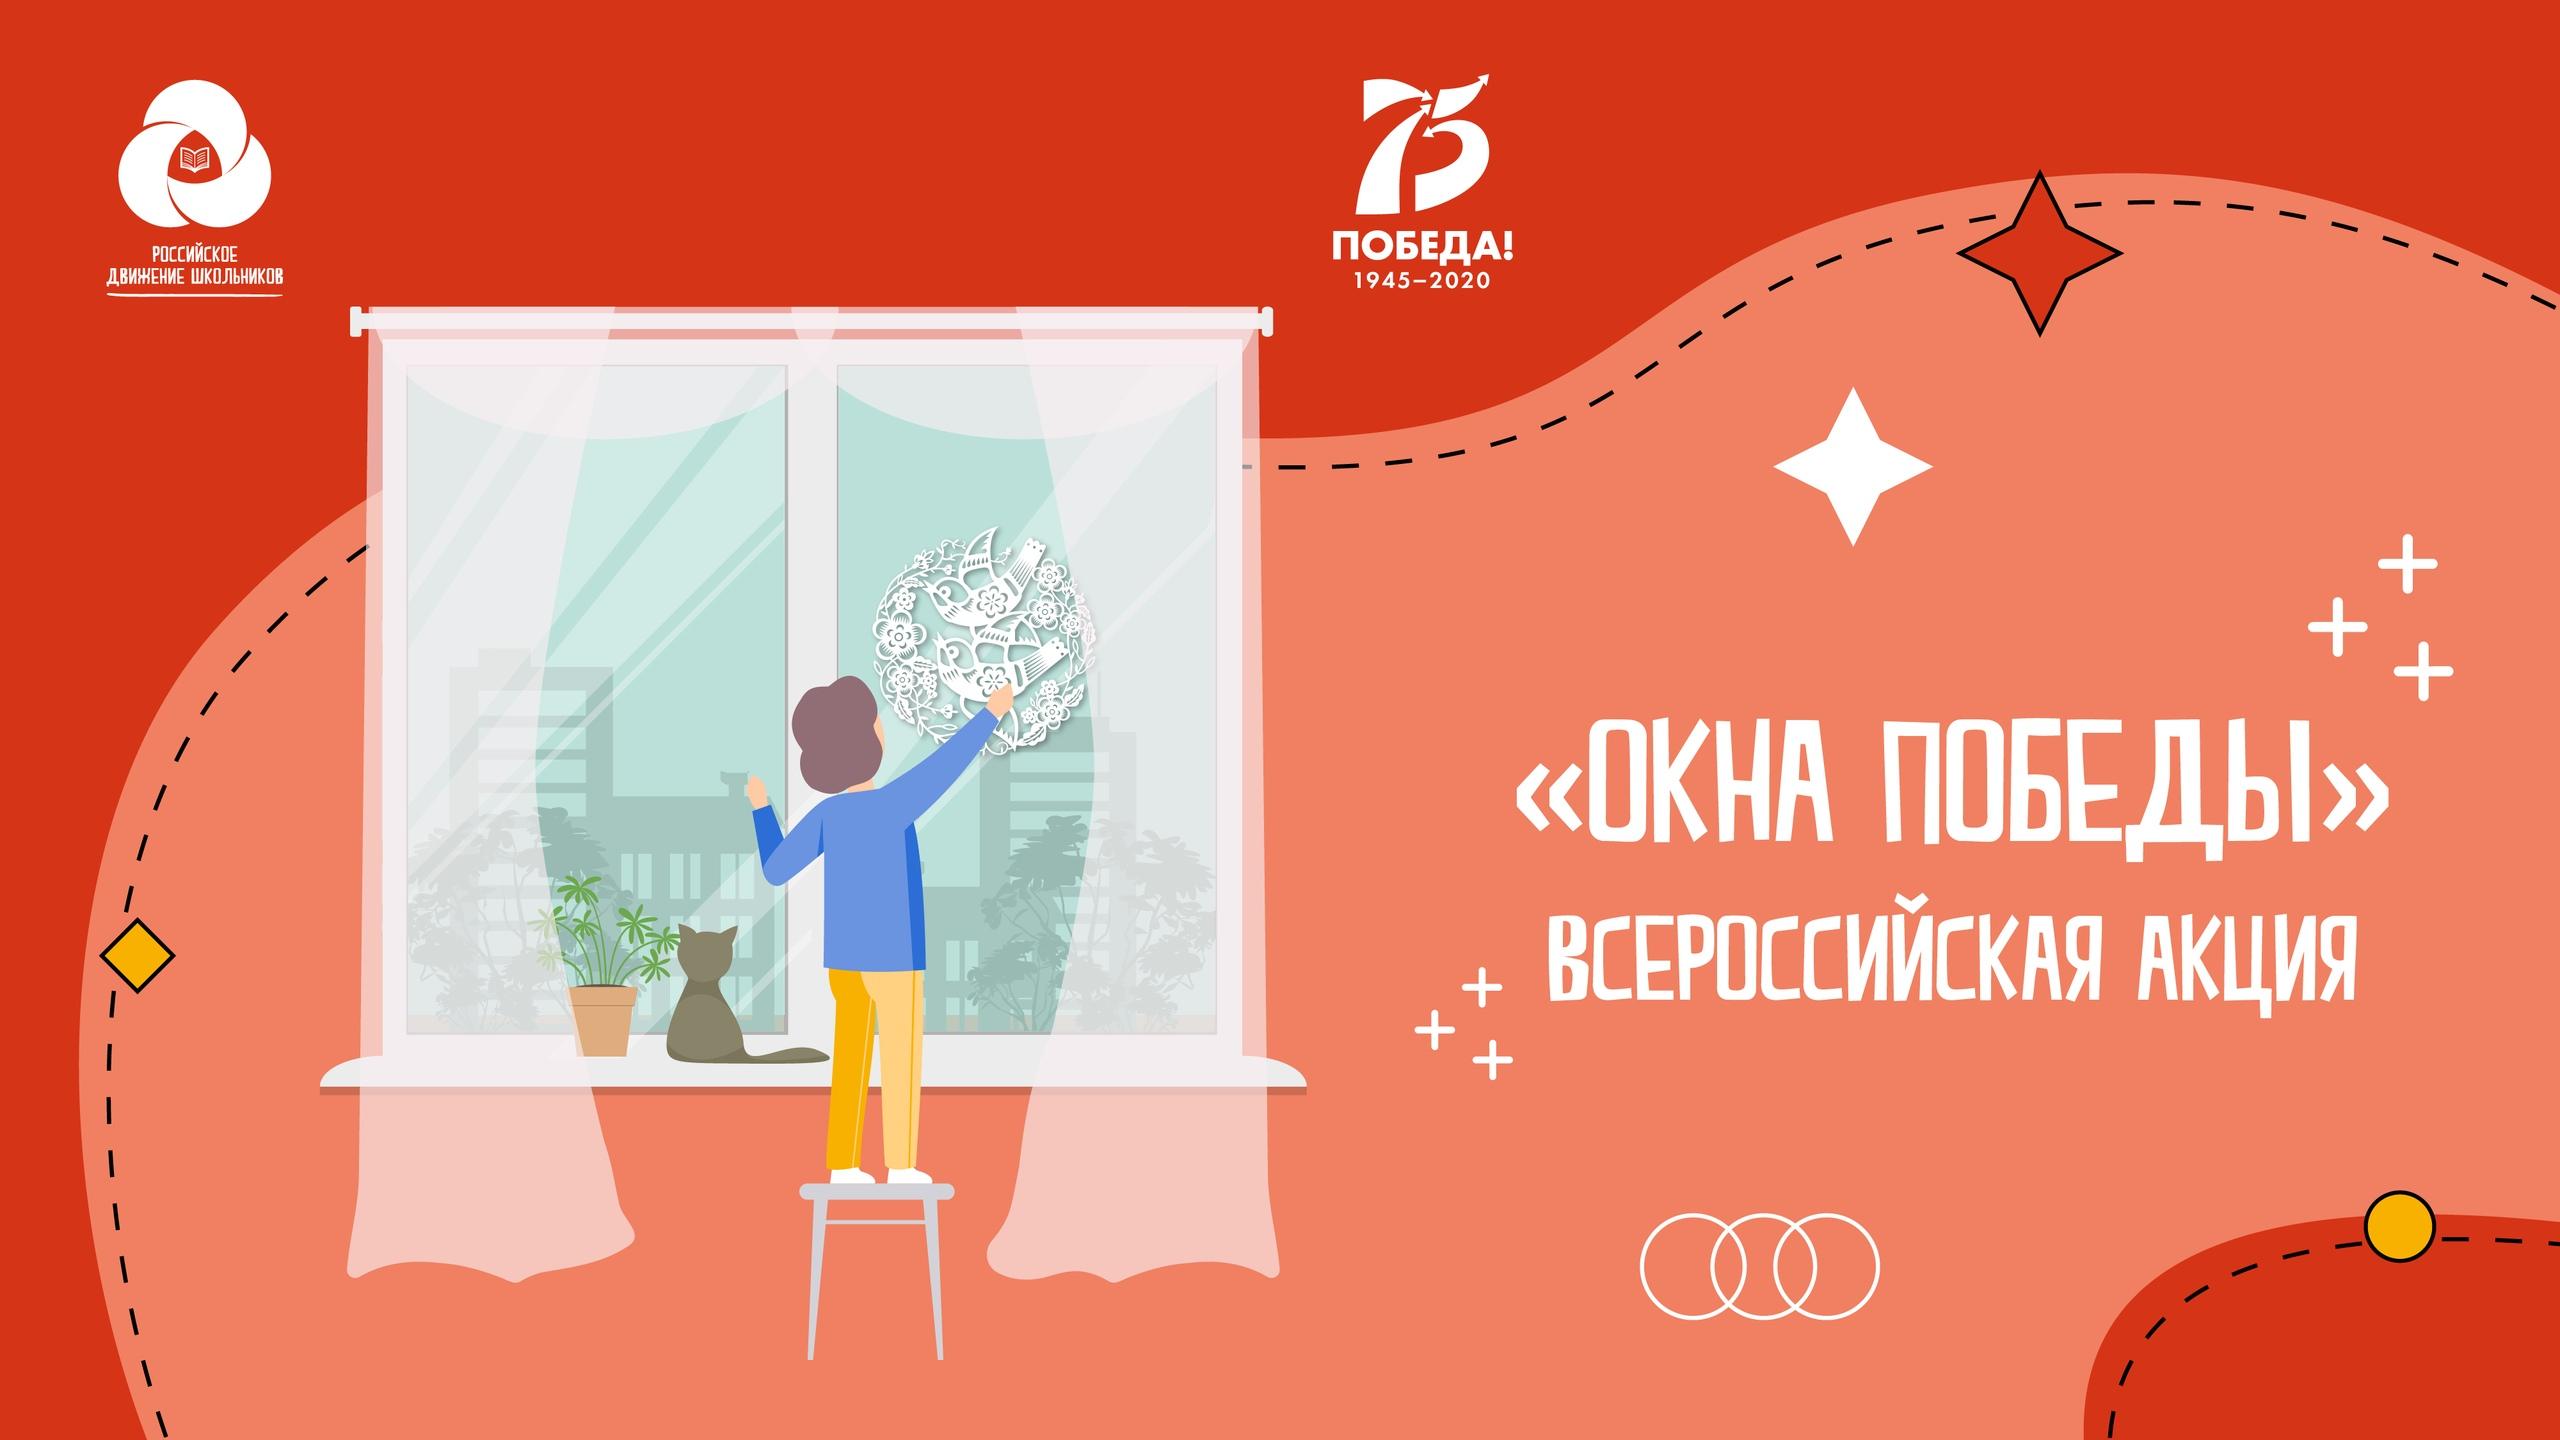 Школьники Тверской области смогут превратить окна своих домов в галереи памяти